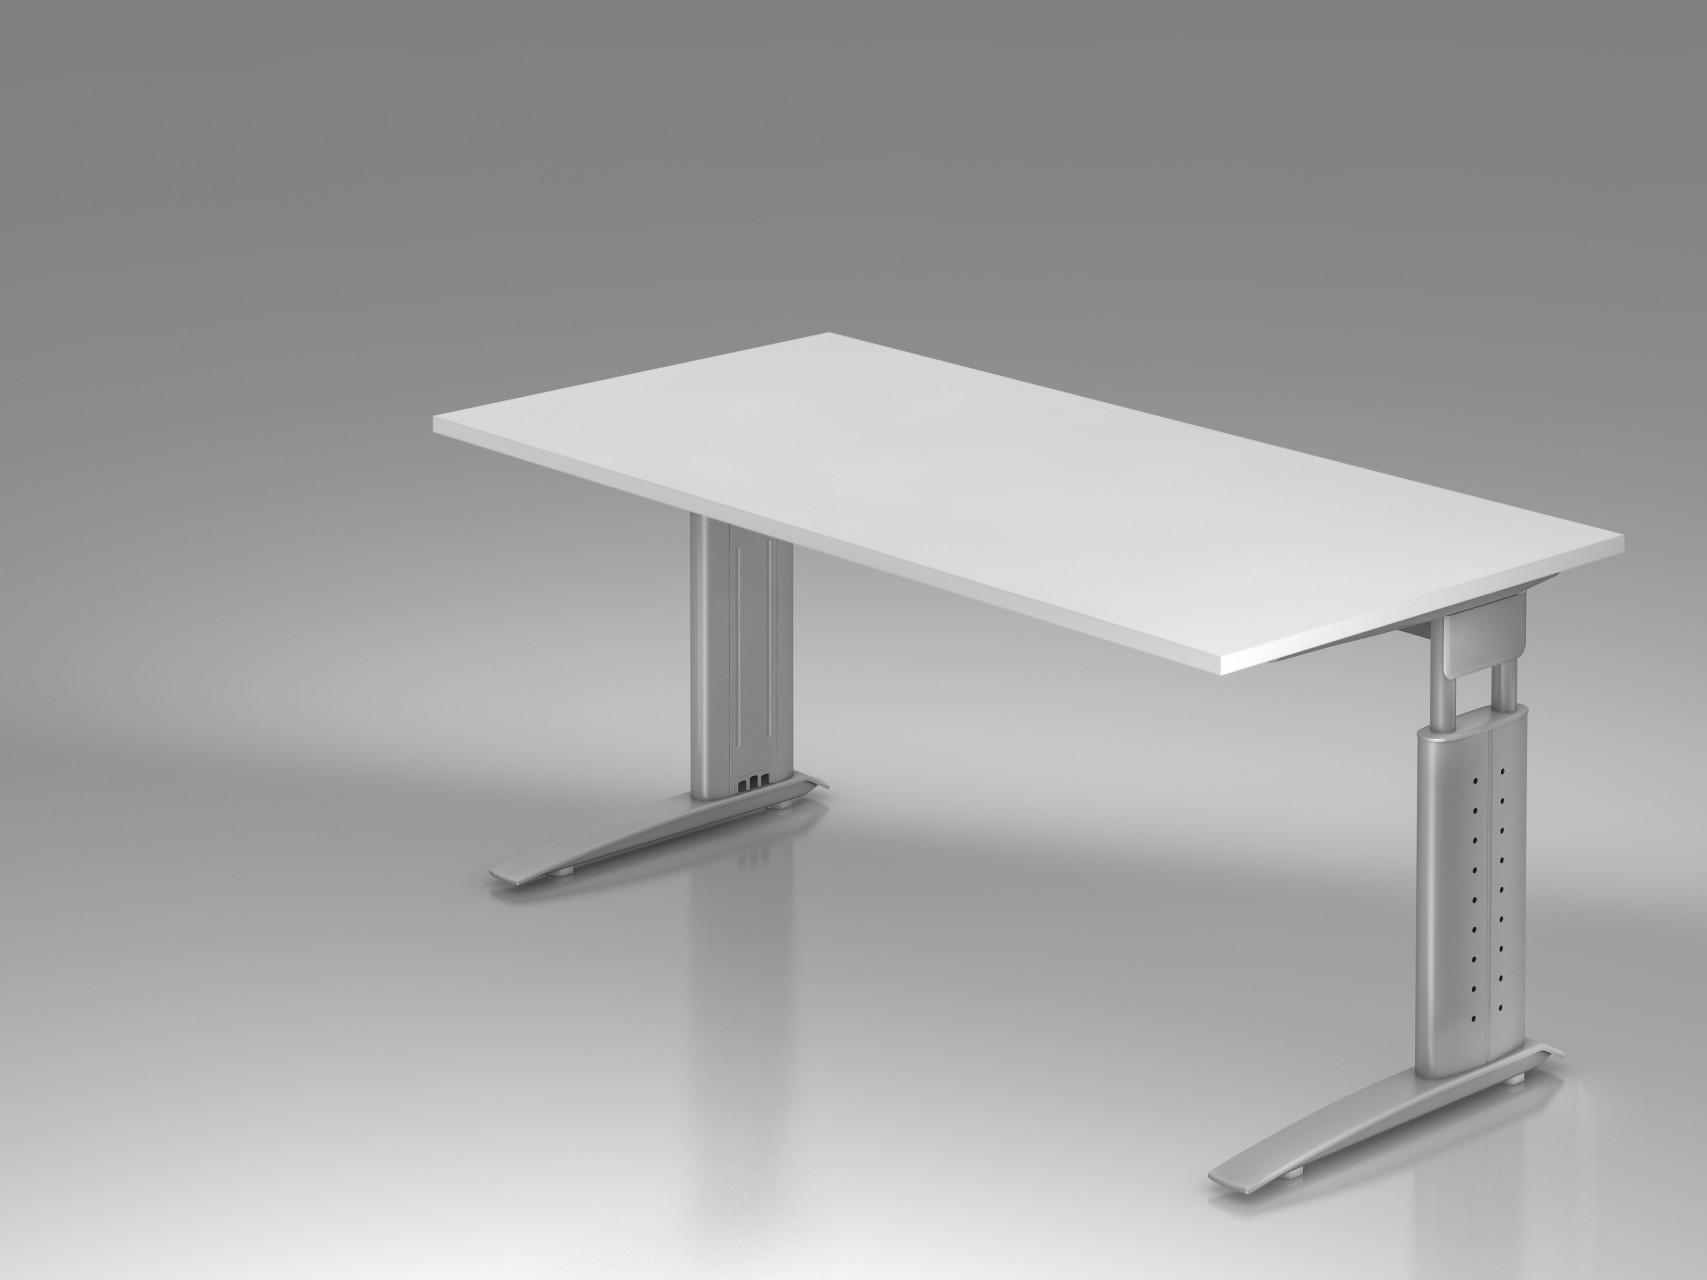 Bureau r glable en hauteur ergonomique plus achat - Treteaux reglables en hauteur ...